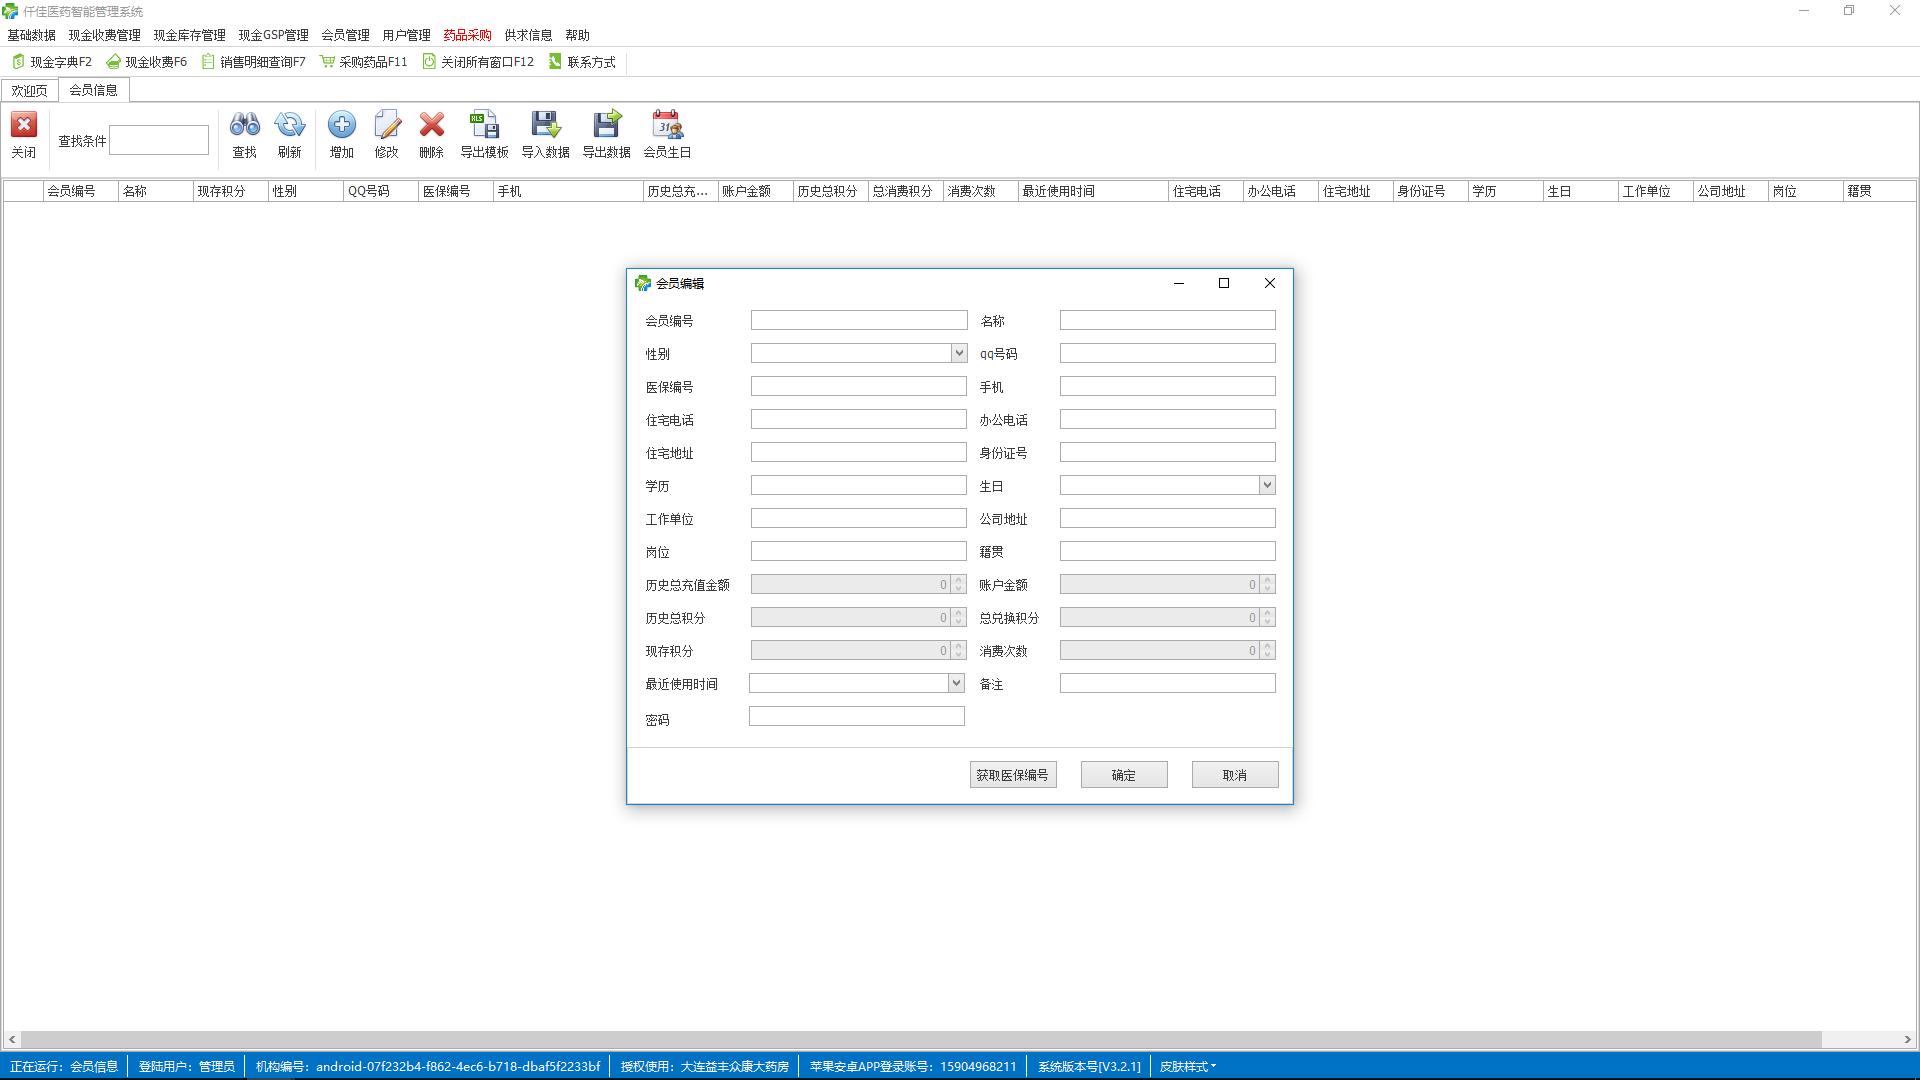 仟佳医药智能管理系统_3.2.1_32位 and 64位中文免费软件(67.26 MB)